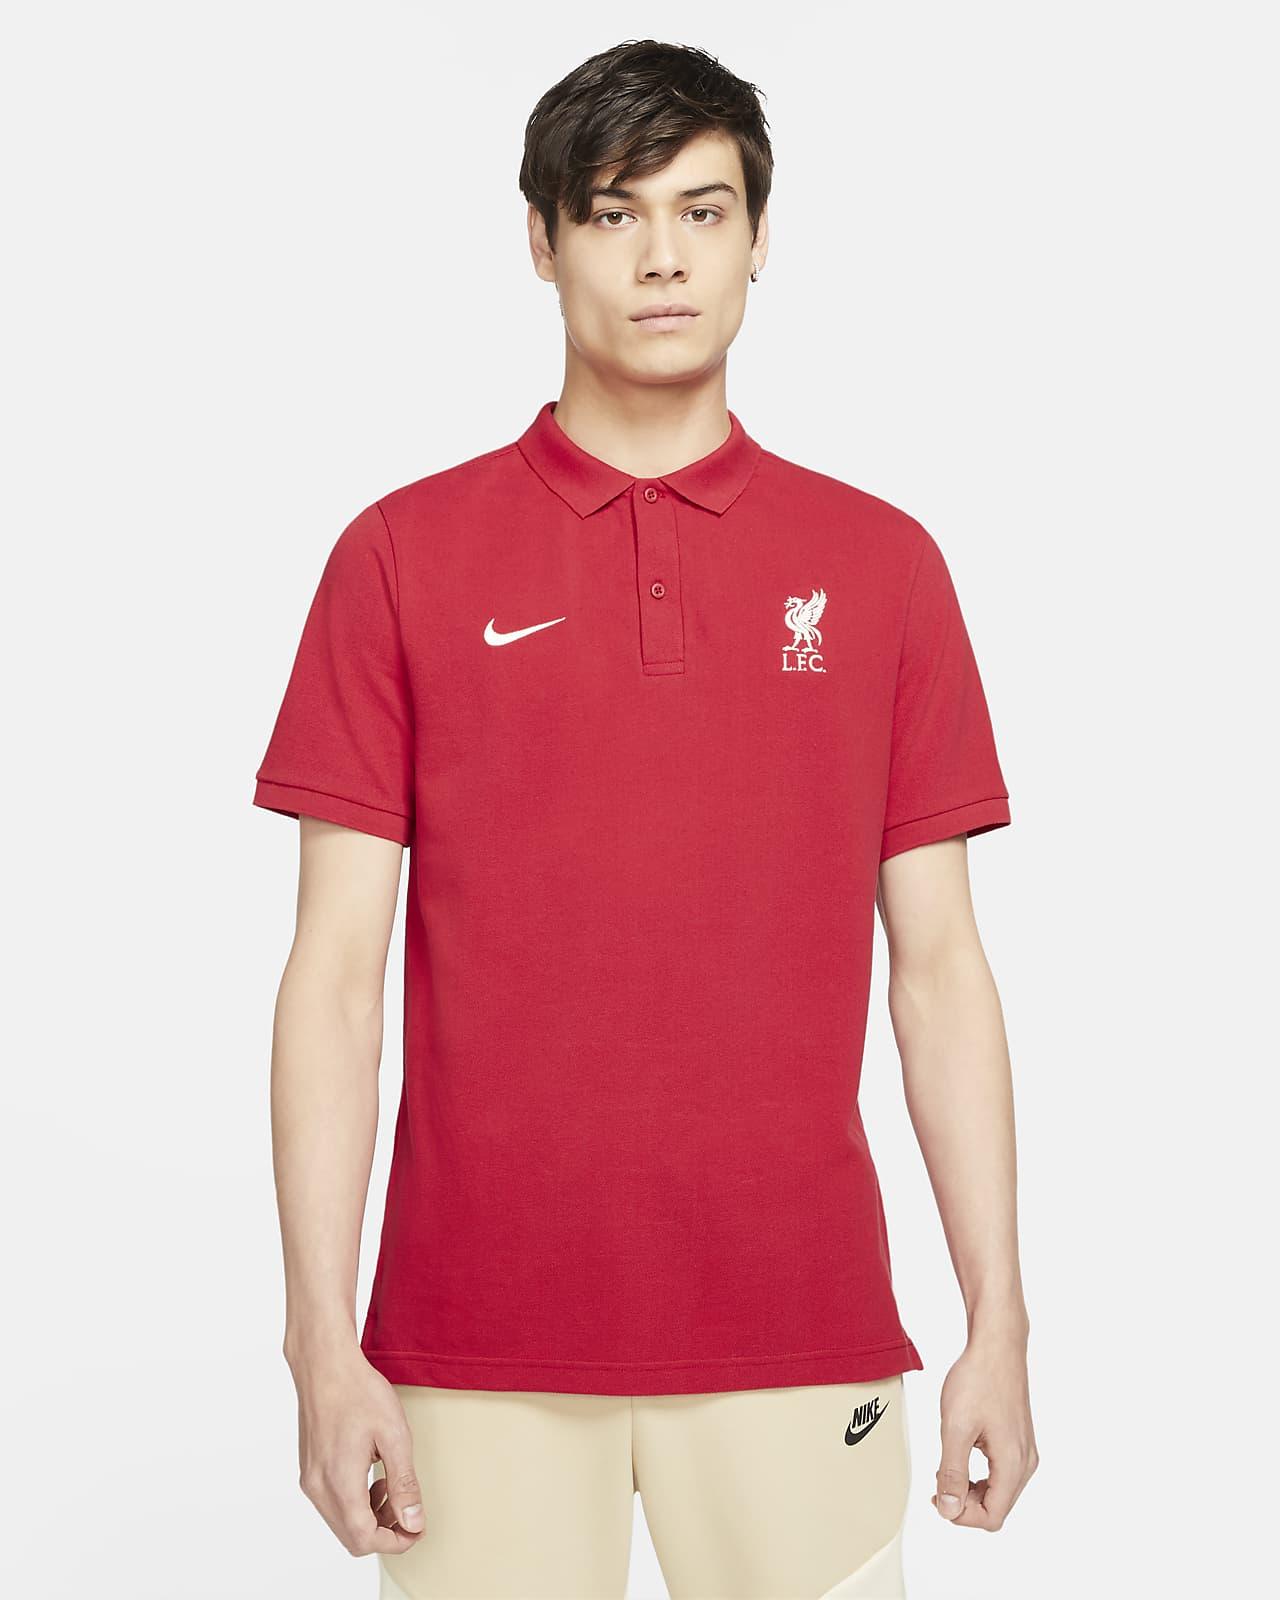 Liverpool F.C. Men's Polo